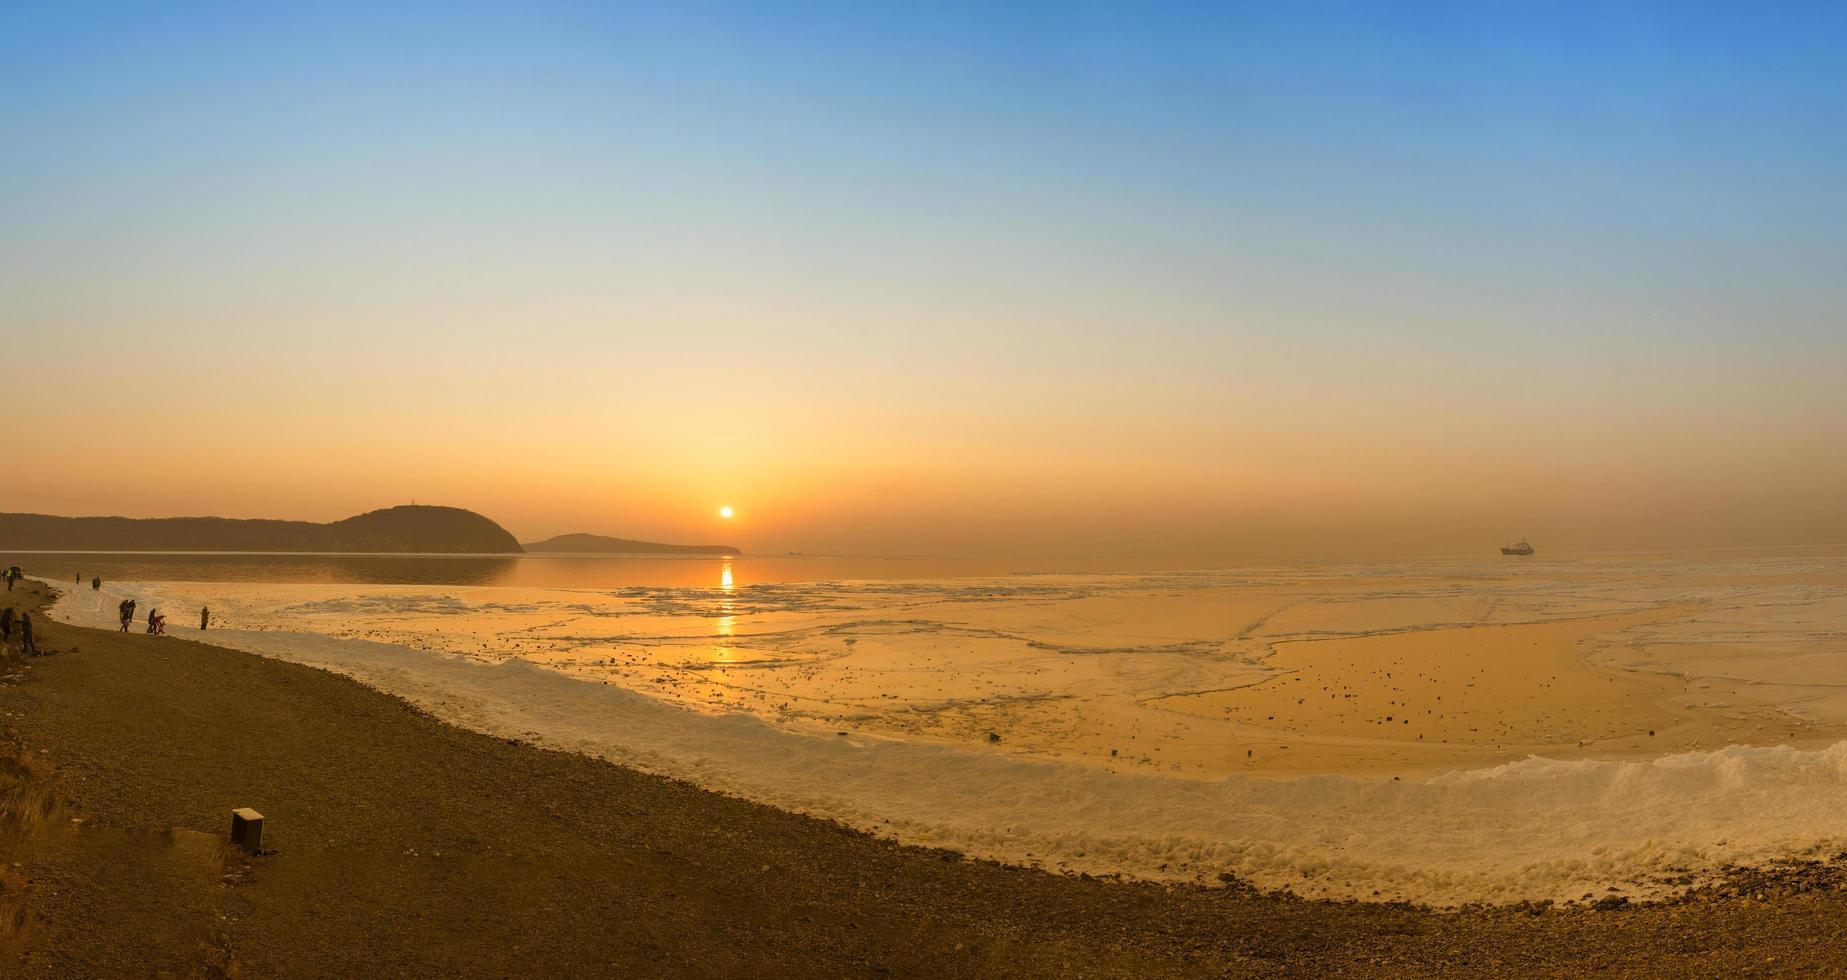 gente en una playa con puesta de sol colorida foto